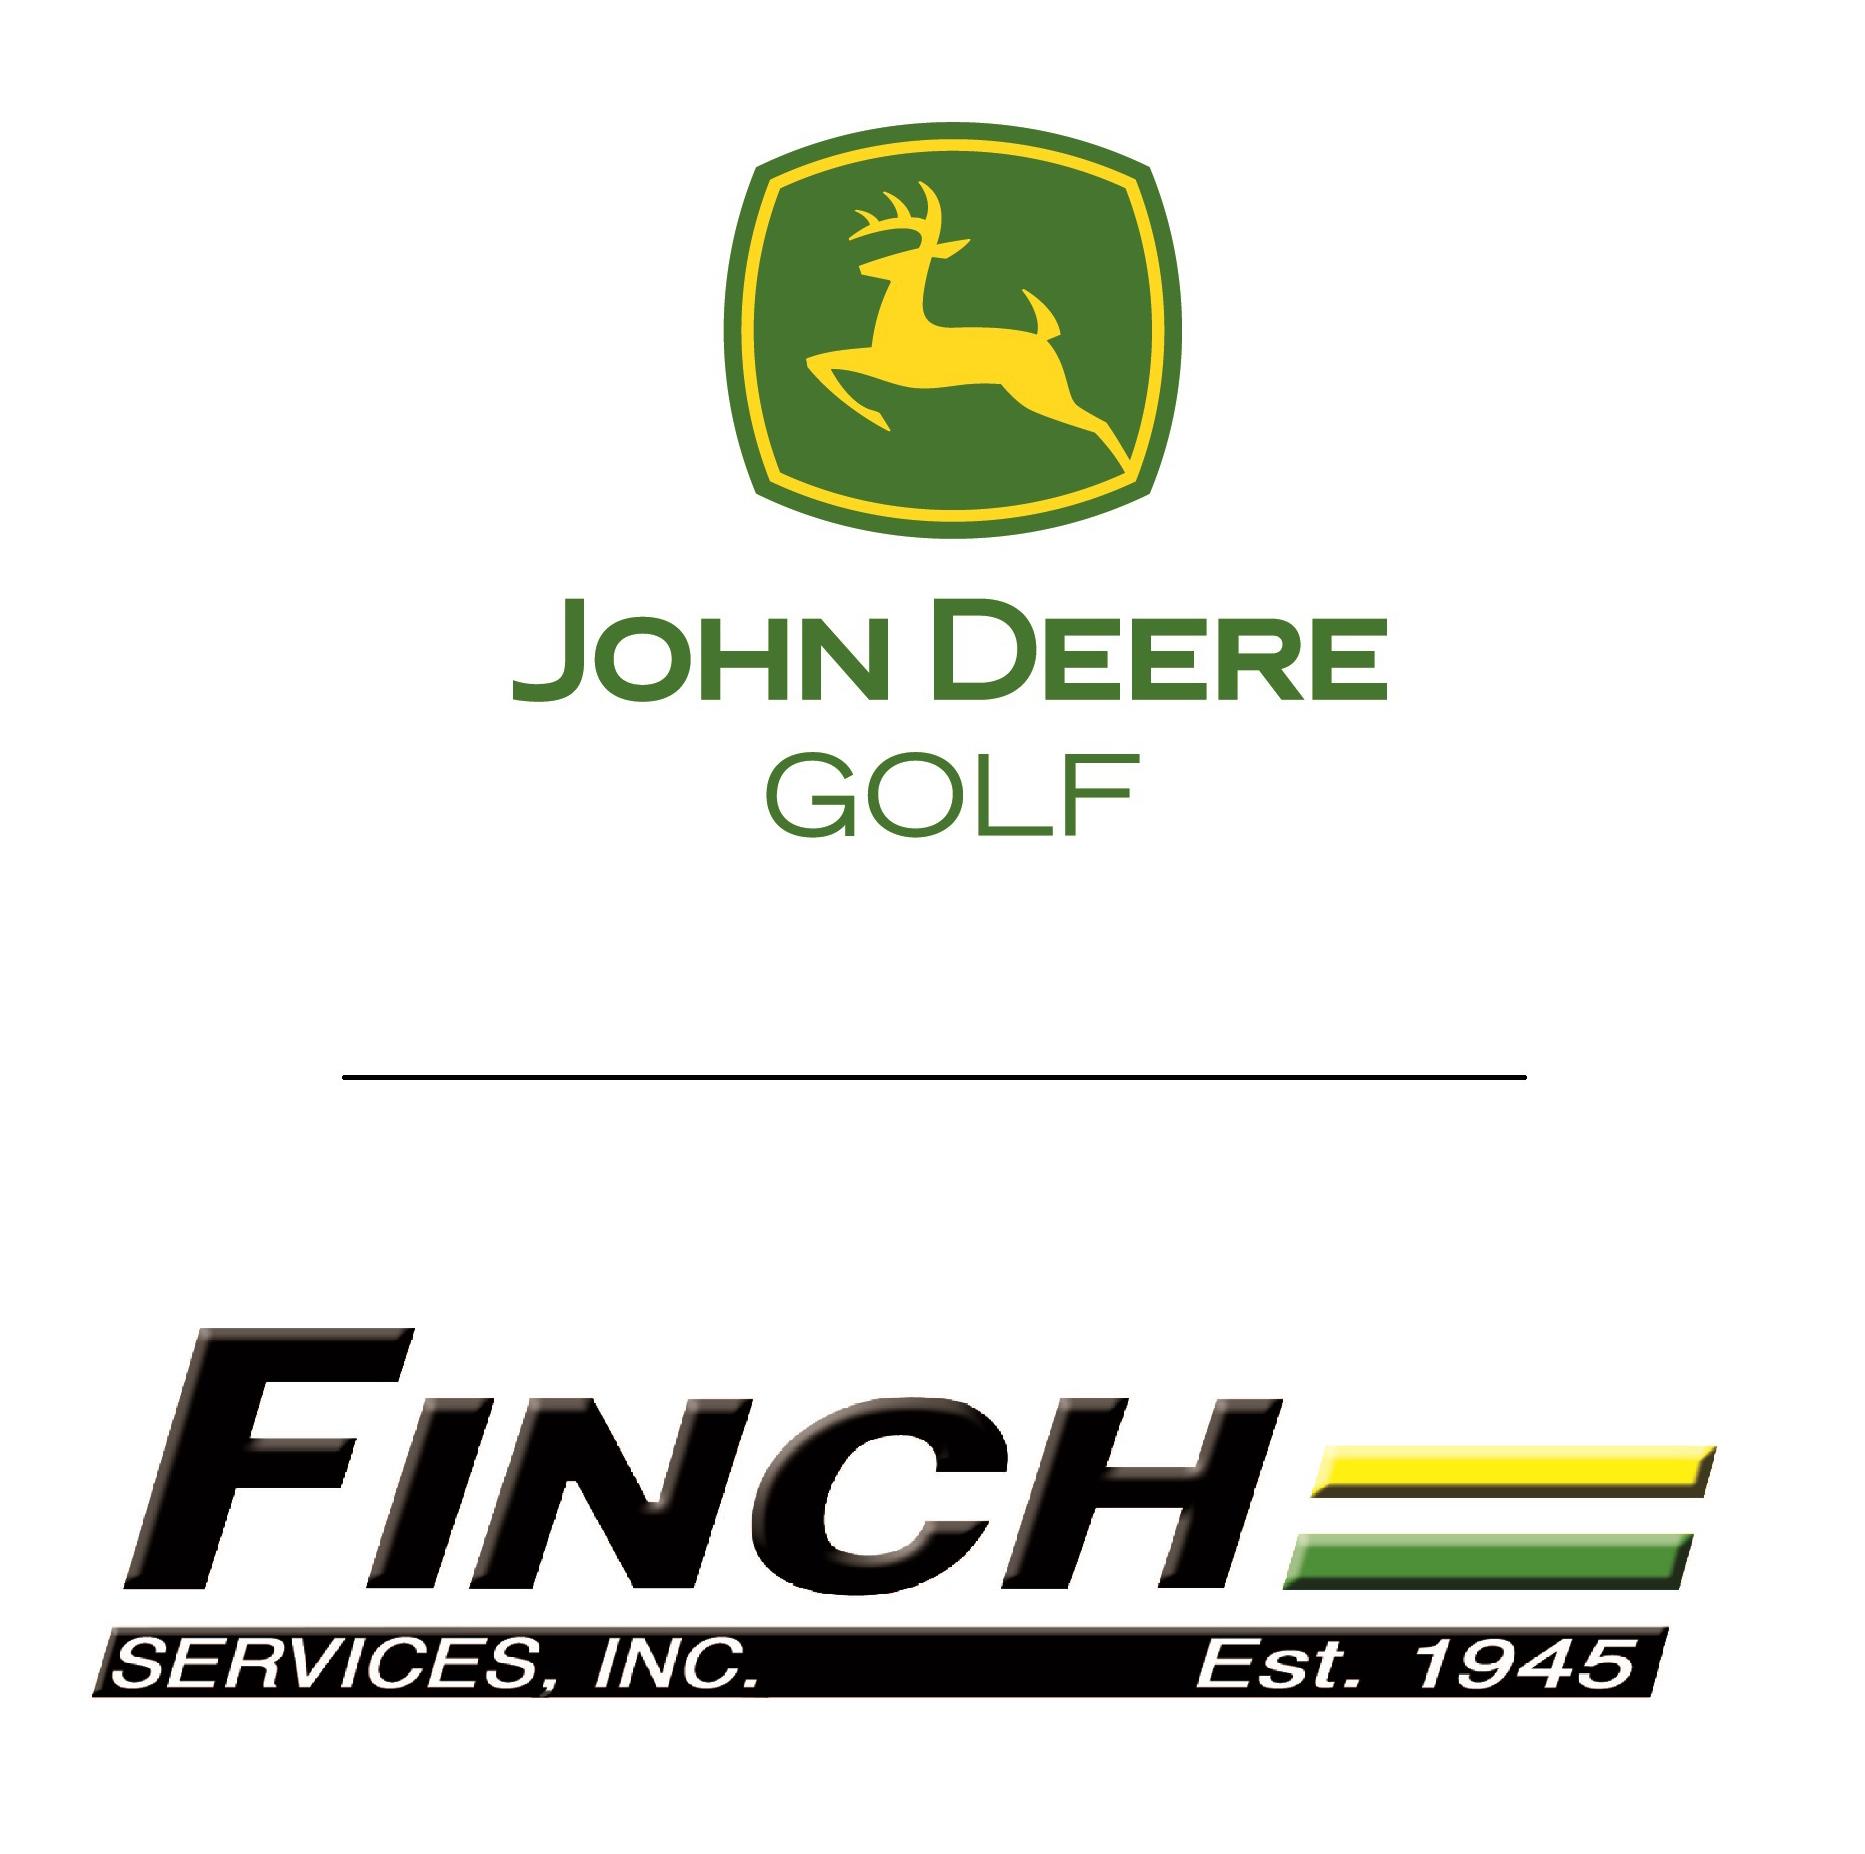 John Deere Finch logo